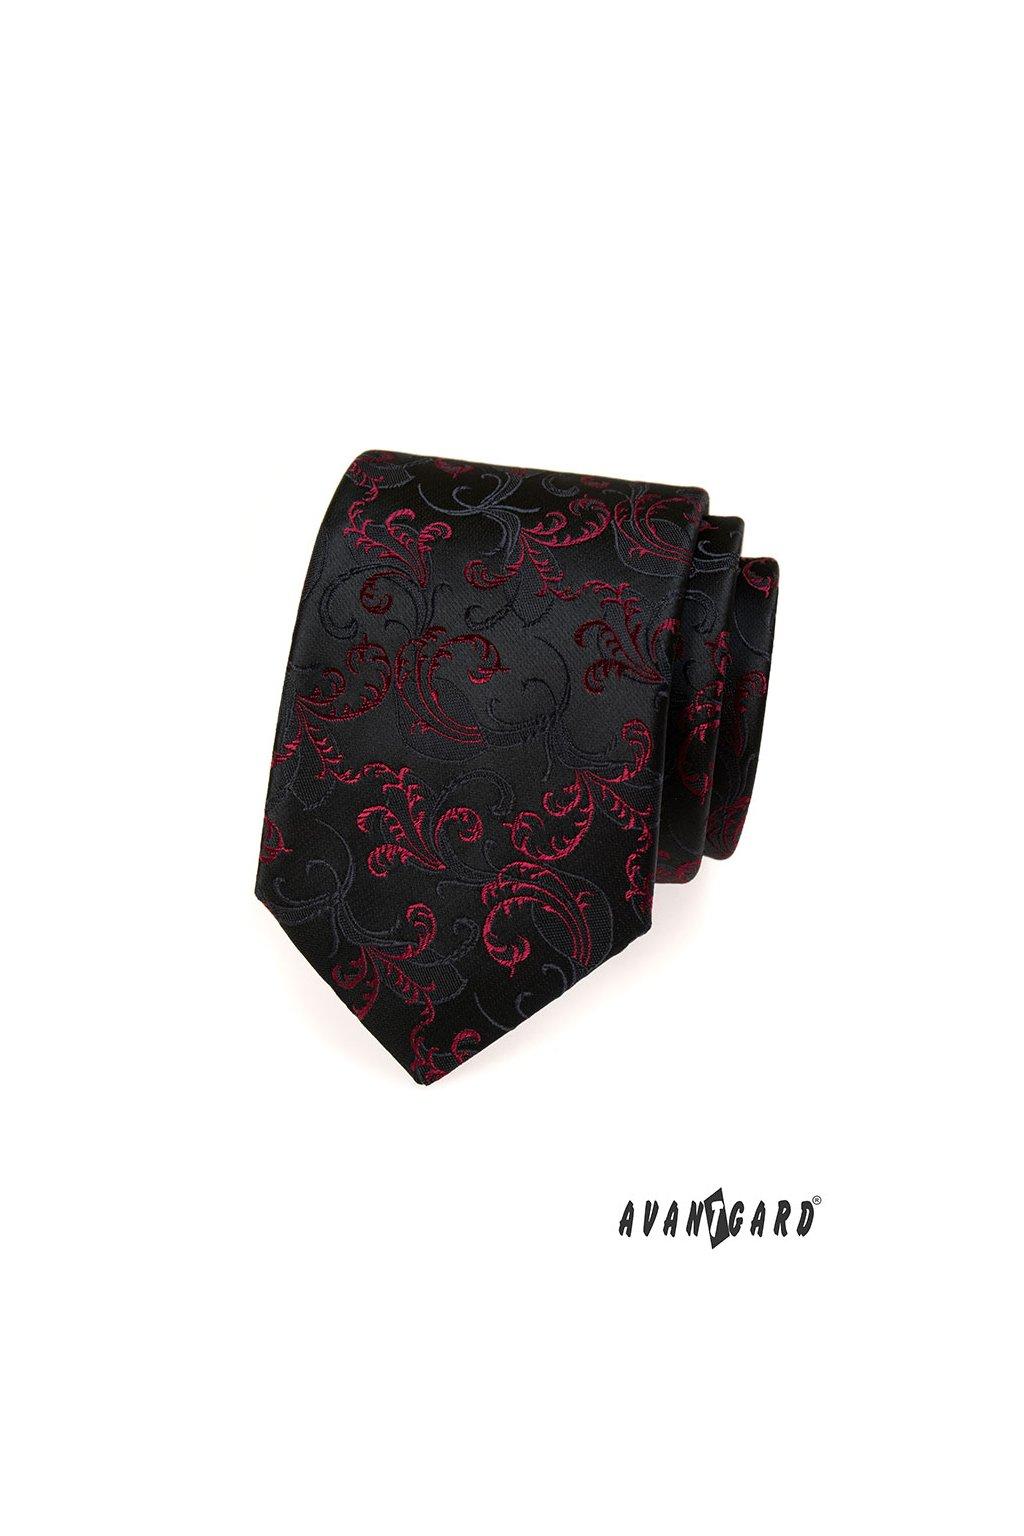 Černá luxusní kravata s červeným ornamentem 561 - 14